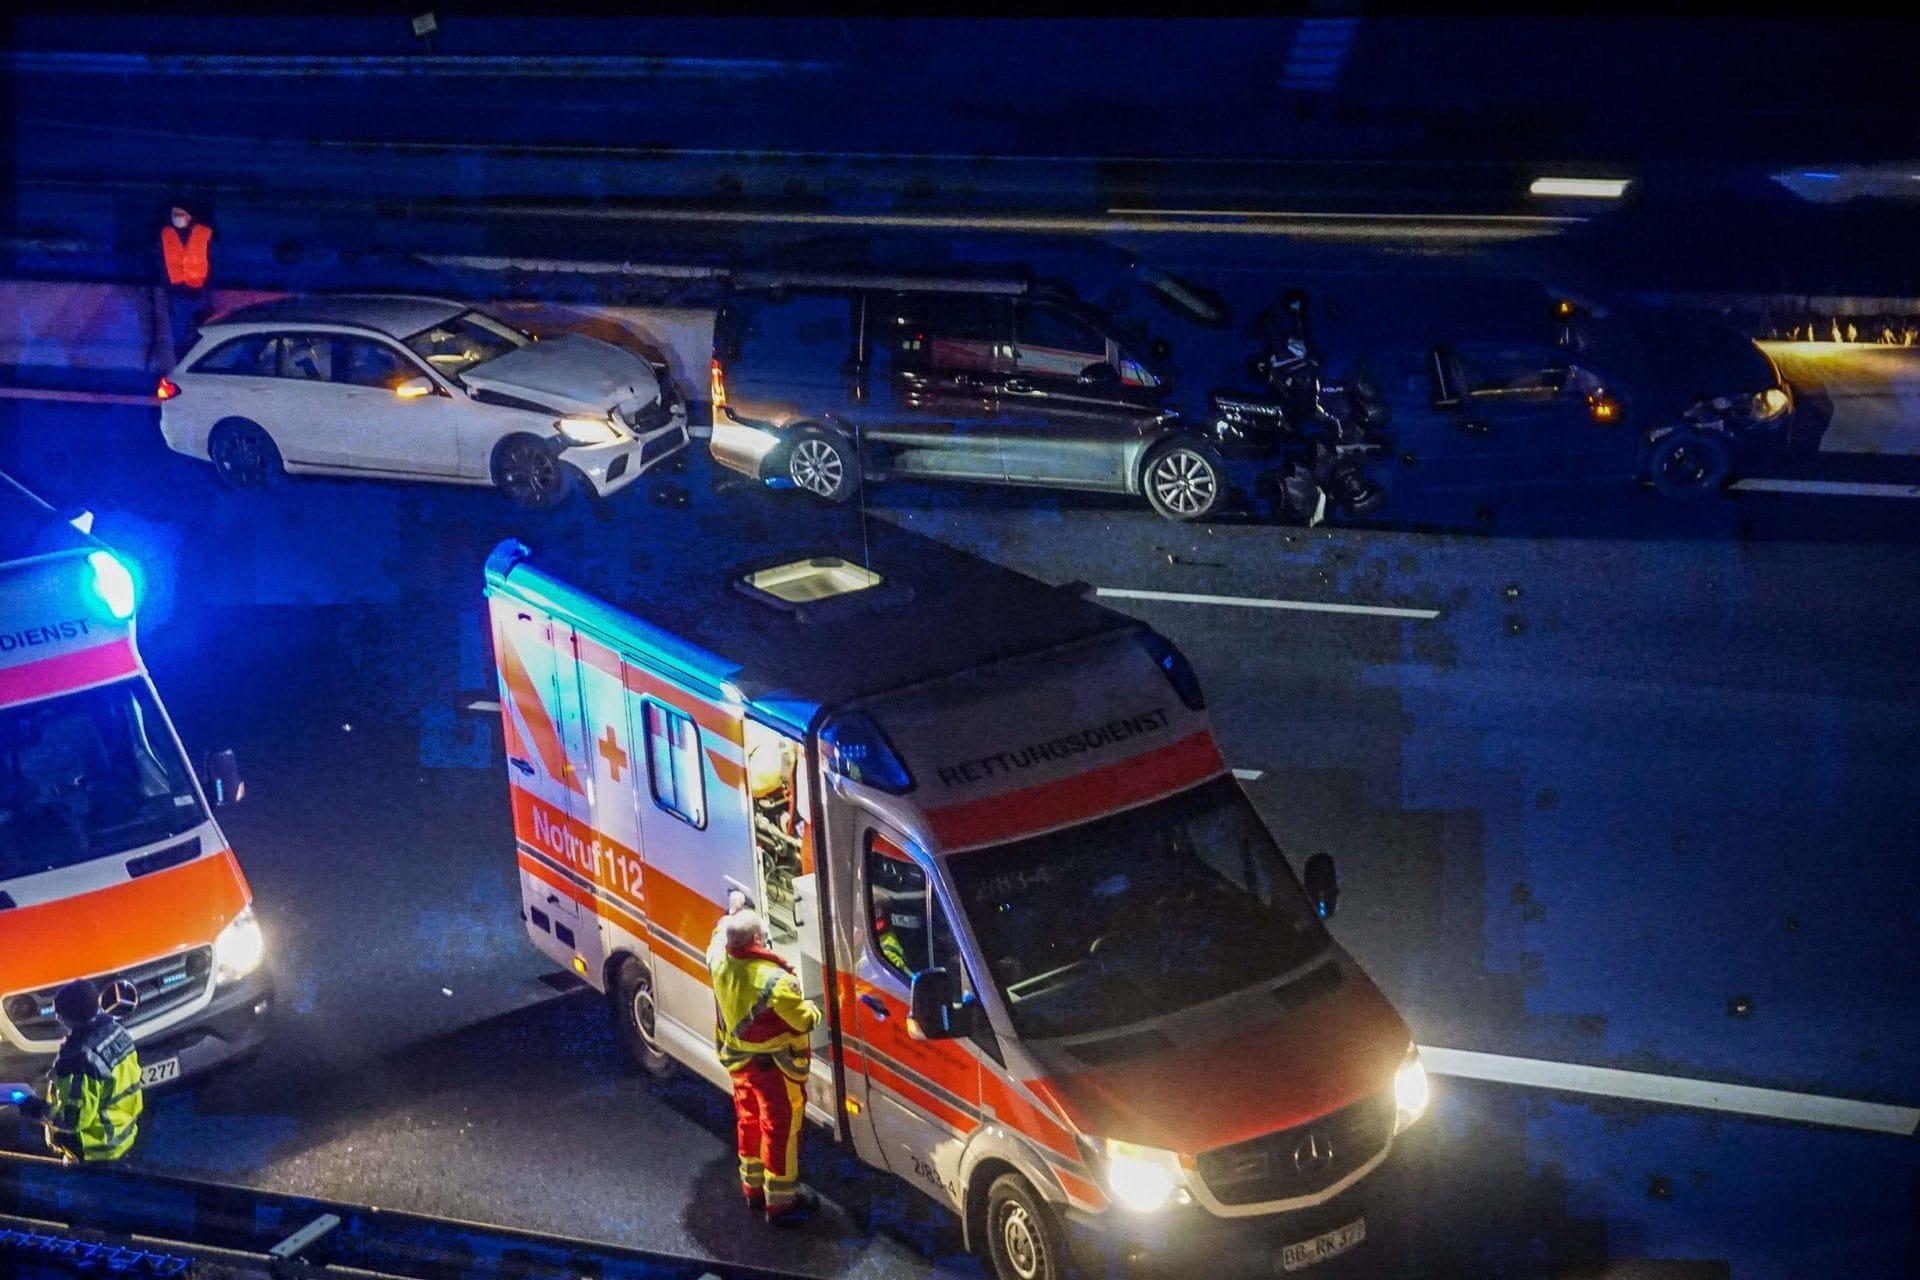 Verkehrssicherheit: Deutschland verfehlt Ziel Unfallverhütungsbericht